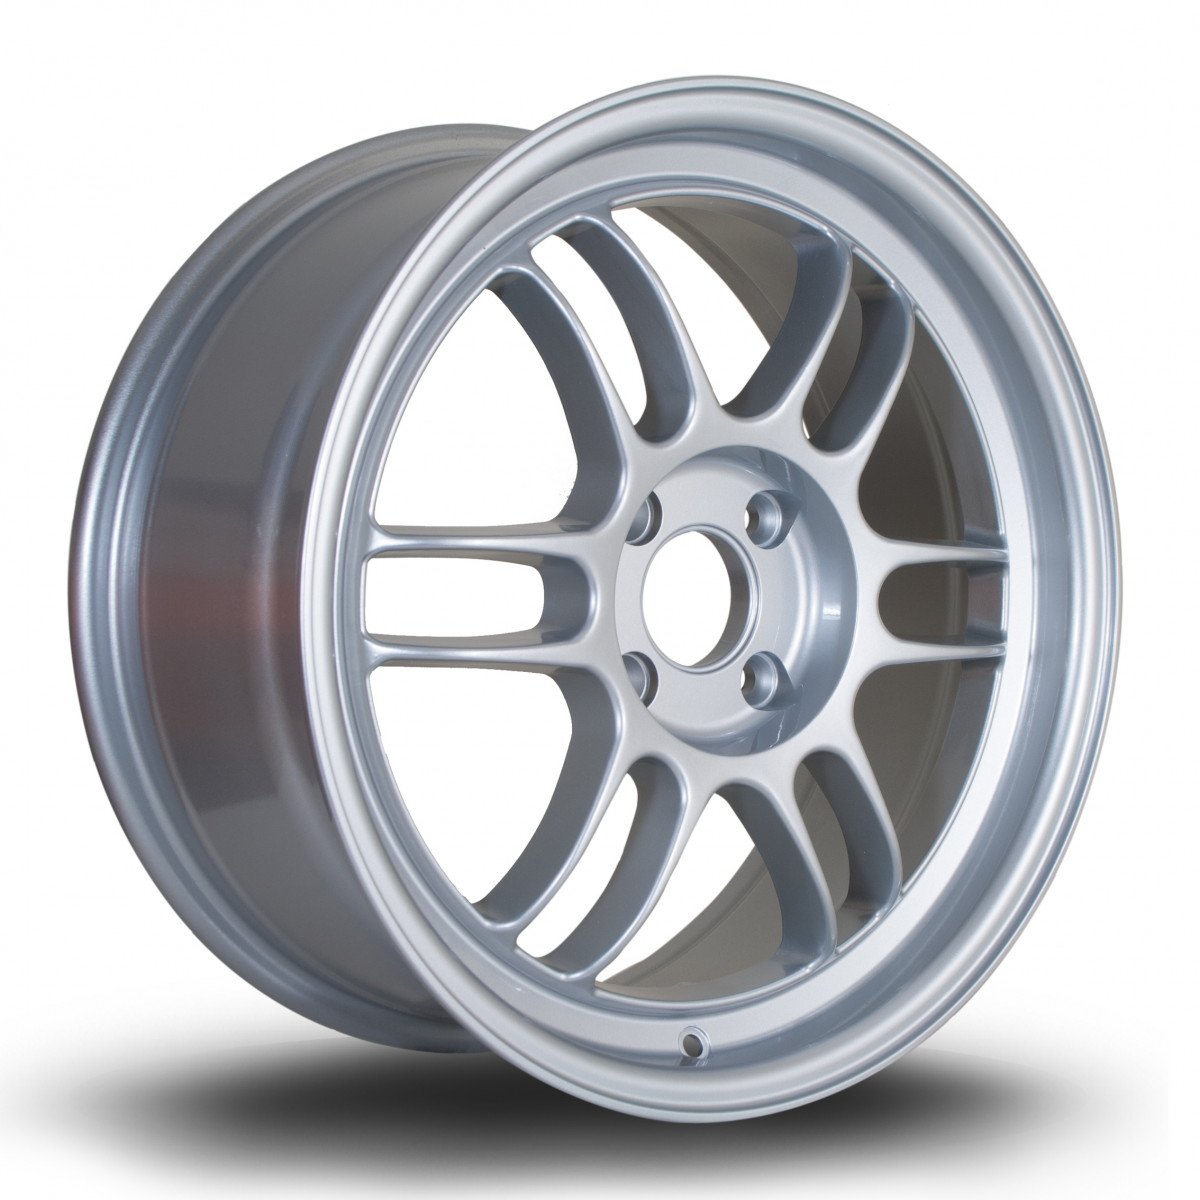 TFS301 17x7.5 5x114 ET42 Silver